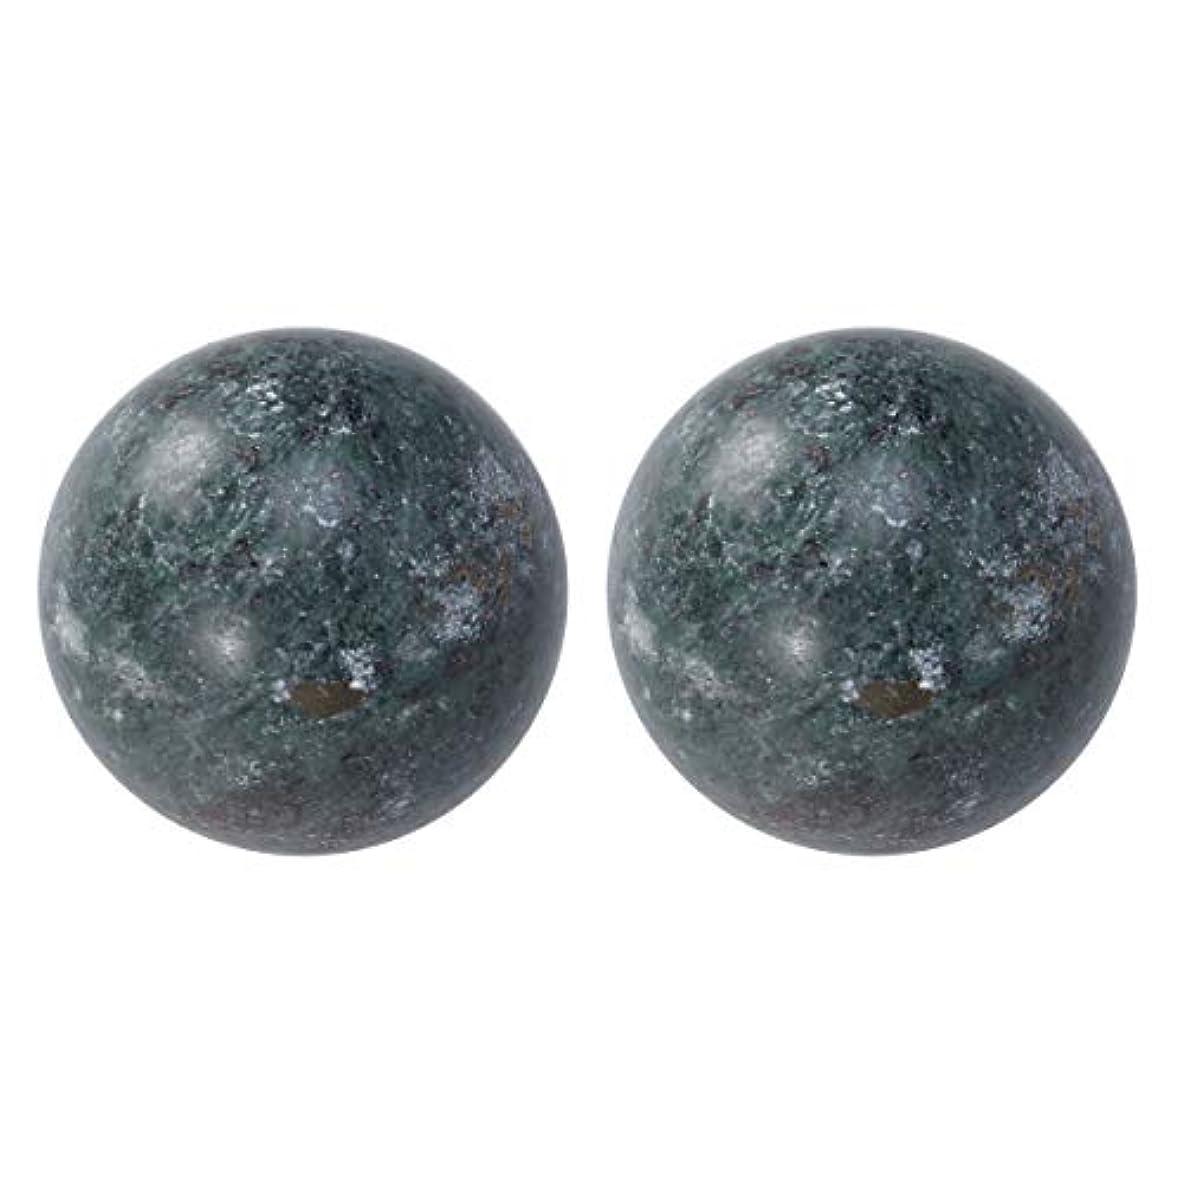 明らかにする湿原面倒SUPVOX 高齢者ヘルスケアボール玉手ボール健康運動ボール老人用2個(ブラック)